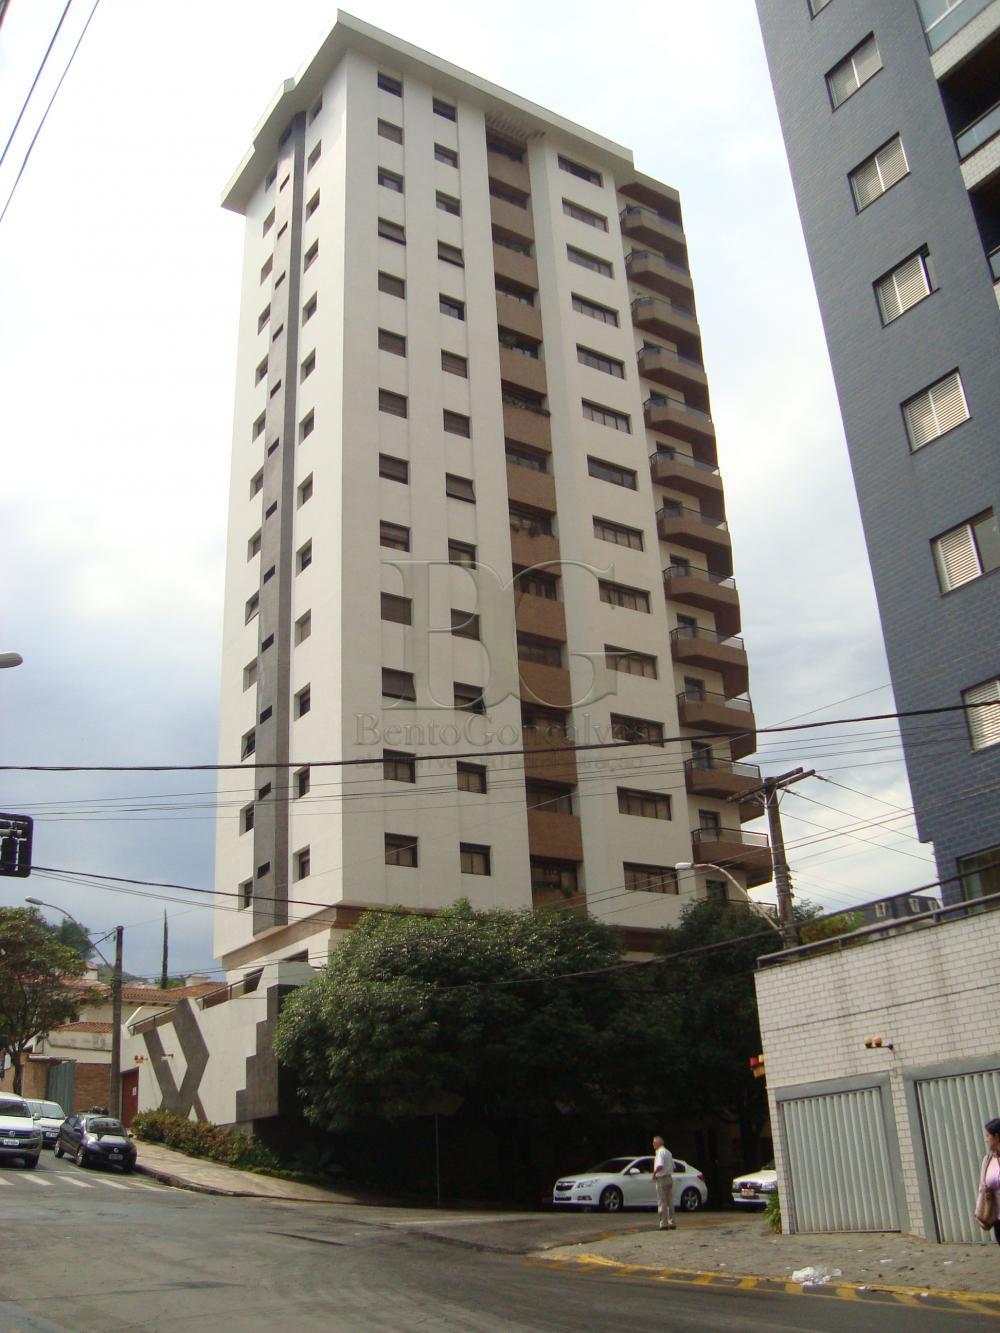 Pocos de Caldas Apartamento Venda R$1.200.000,00 Condominio R$1.500,00 3 Dormitorios 1 Suite Area construida 220.00m2